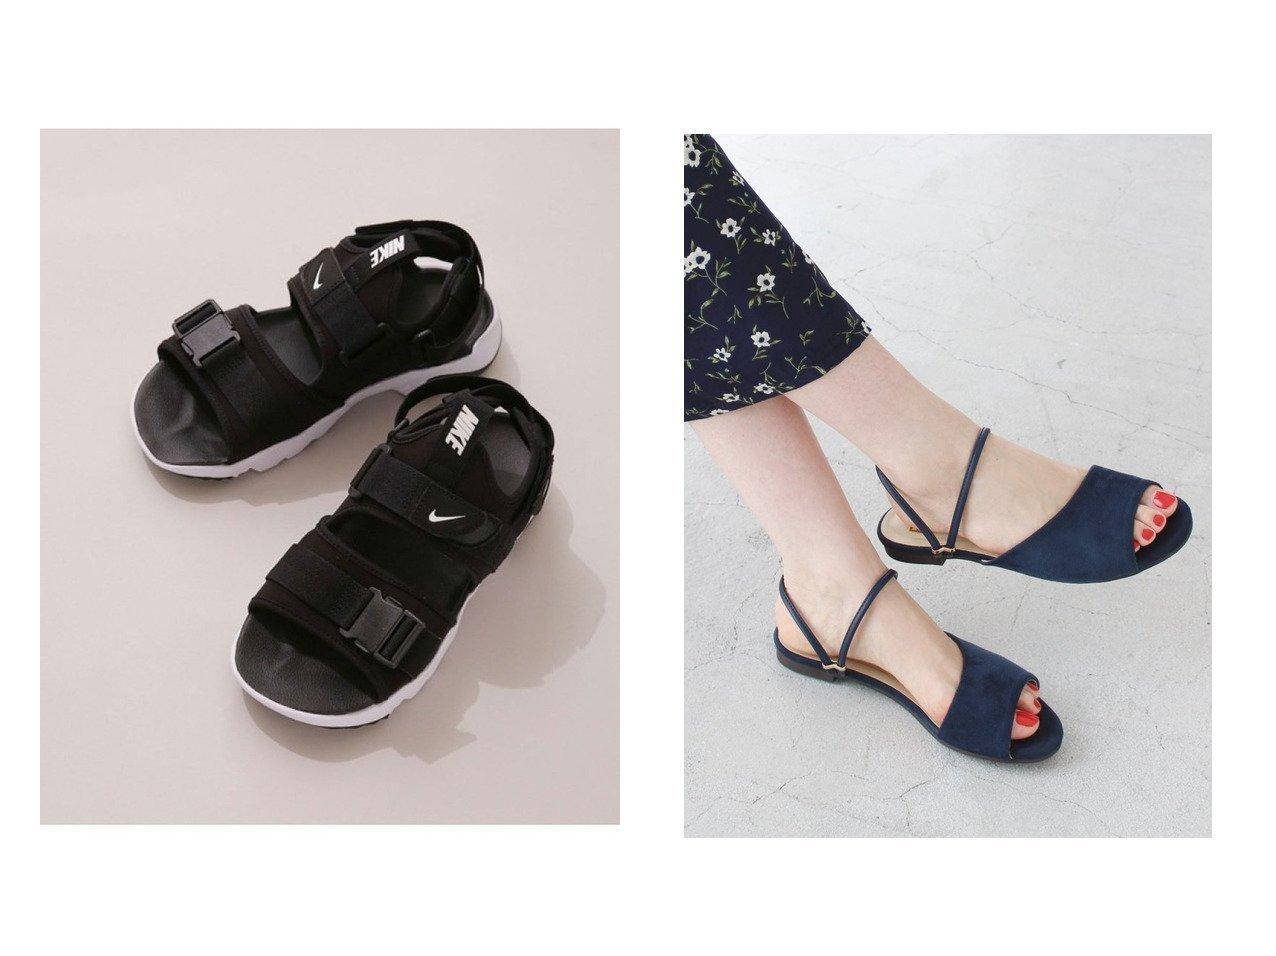 【NIKE/ナイキ】のウィメンズキャニオンサンダル&【Fin/フィン】の2WAYフラットサンダル 【シューズ・靴】おすすめ!人気、トレンド・レディースファッションの通販 おすすめで人気の流行・トレンド、ファッションの通販商品 インテリア・家具・メンズファッション・キッズファッション・レディースファッション・服の通販 founy(ファニー) https://founy.com/ ファッション Fashion レディースファッション WOMEN クッション サンダル シューズ ショート デニム 人気 フラット ミュール ロング ワイド 2021年 2021 2021春夏・S/S SS/Spring/Summer/2021 おすすめ Recommend 夏 Summer アウトドア スタイリッシュ スニーカー スポーツ スリッポン ビーチ リボン |ID:crp329100000053133